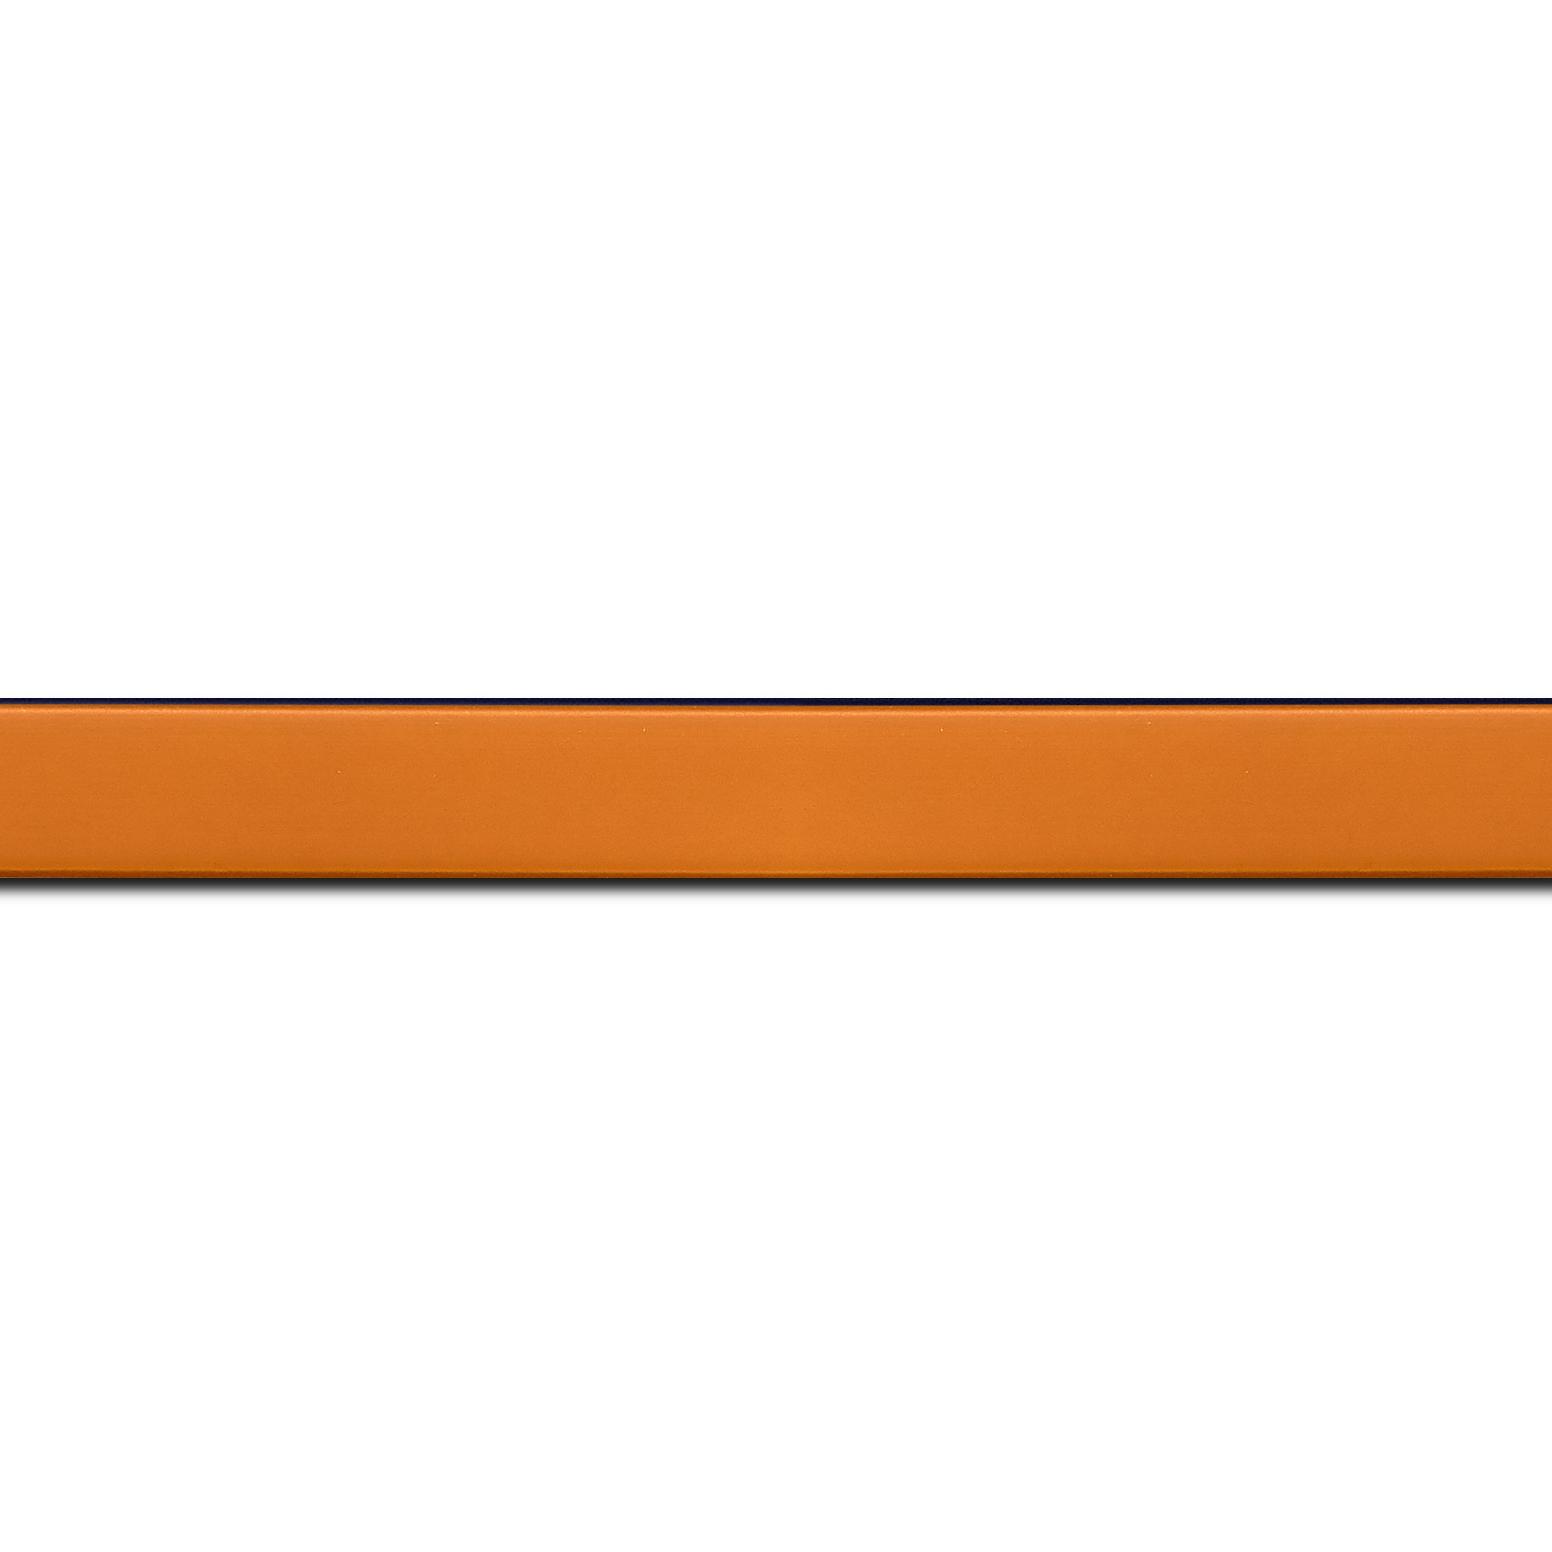 Pack par 12m, bois profil plat effet cube largeur 1.7cm couleur abricot satiné (longueur baguette pouvant varier entre 2.40m et 3m selon arrivage des bois)